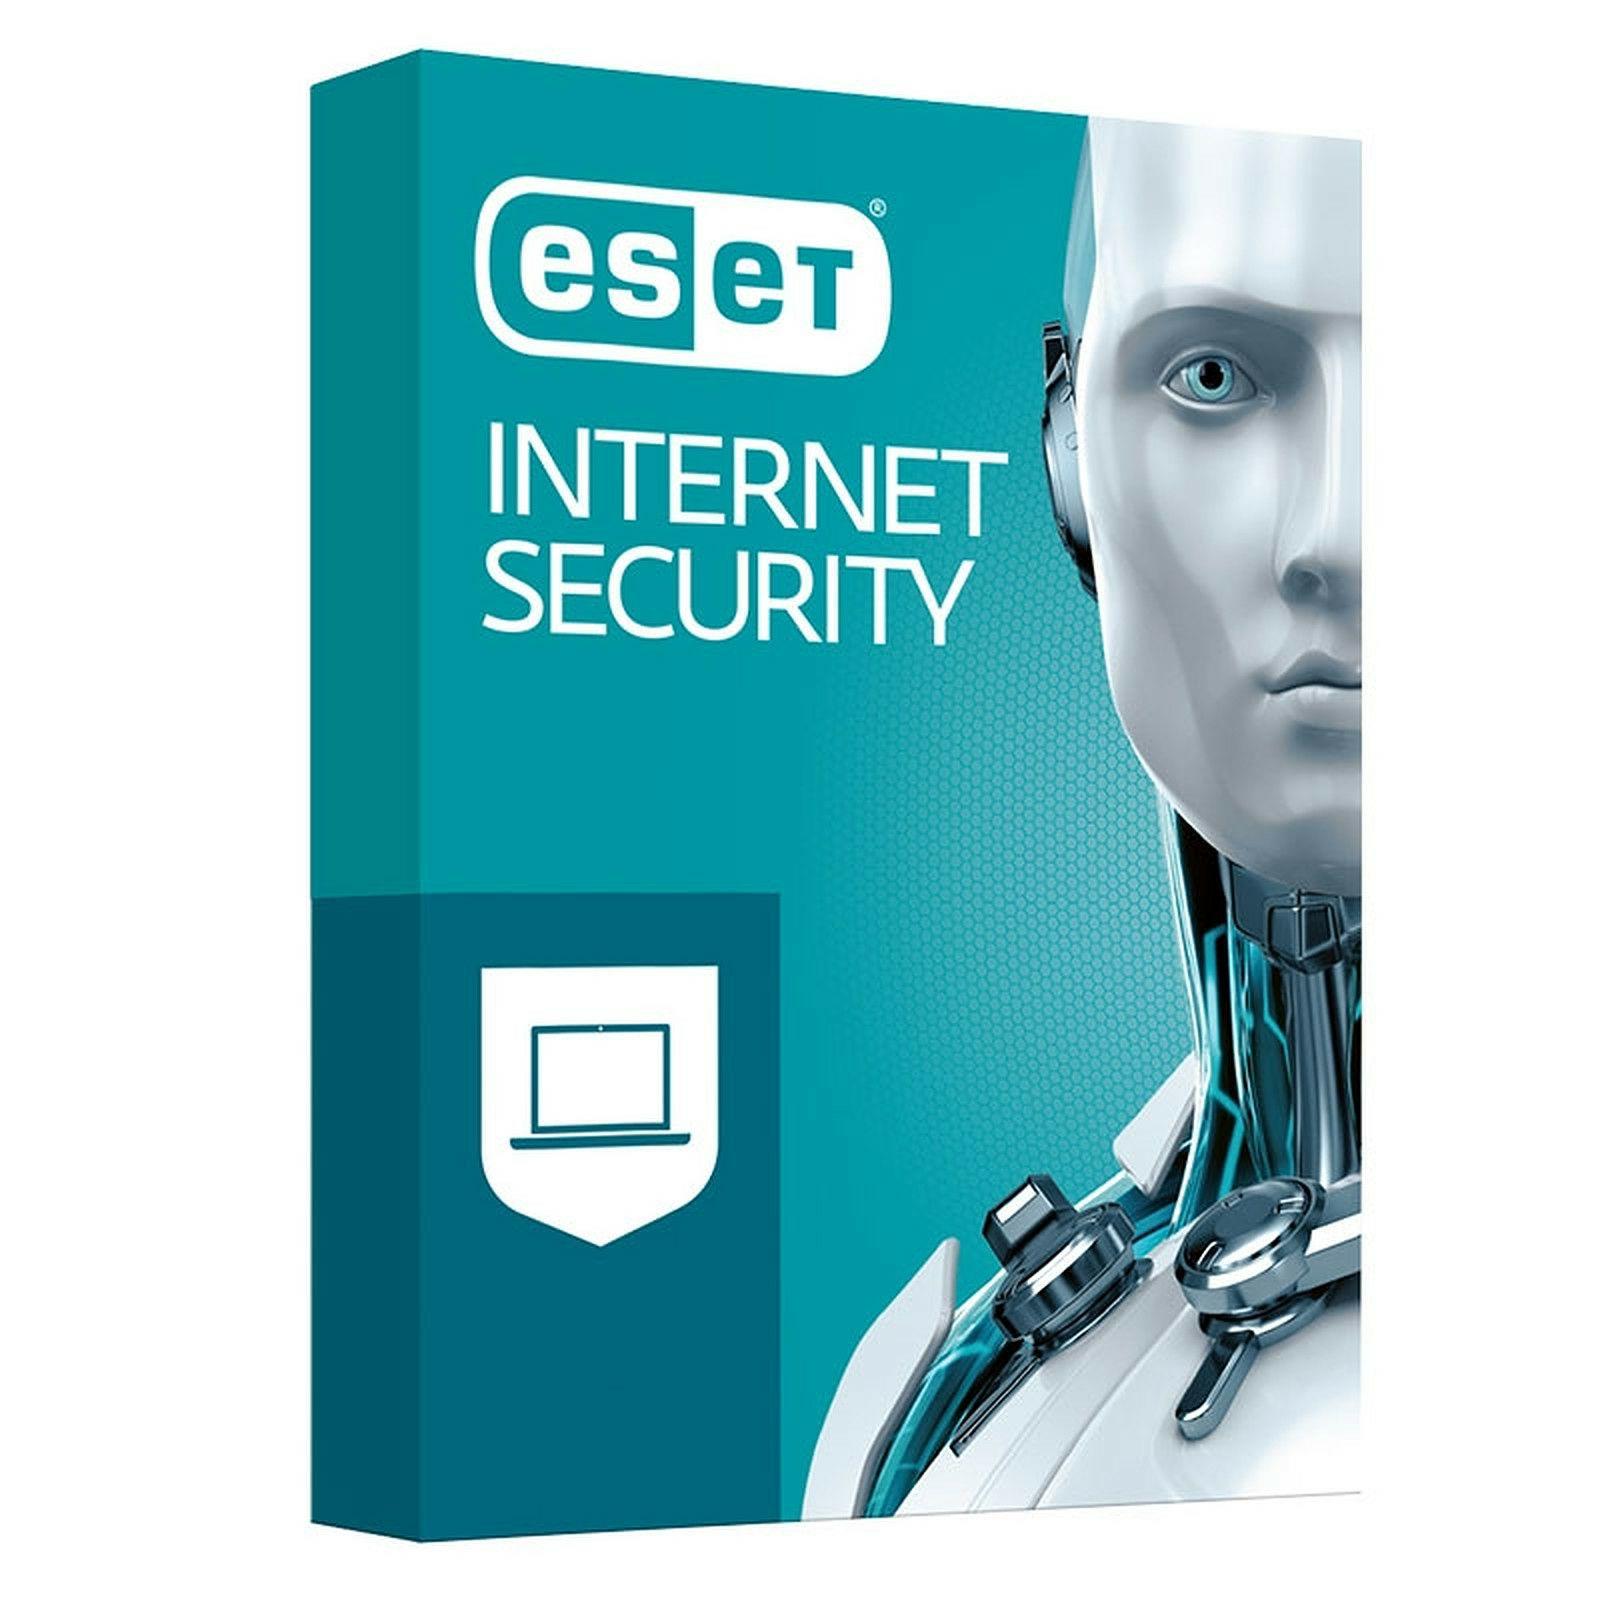 ESET Internet Security 1 Jahr kostenlos